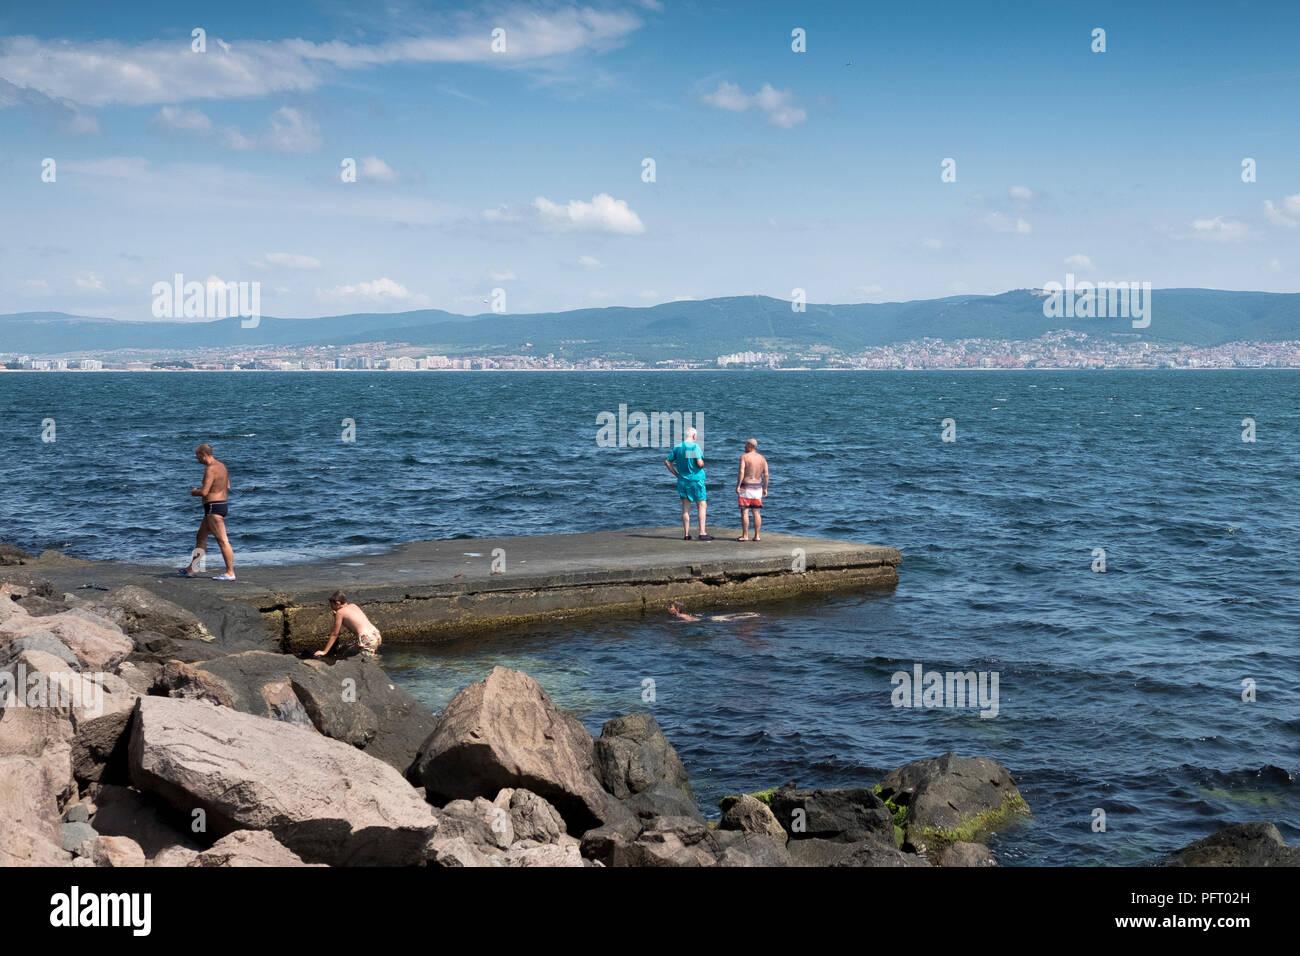 Blick über Vorstadt von Sofia, Bulgarien - Stock Image